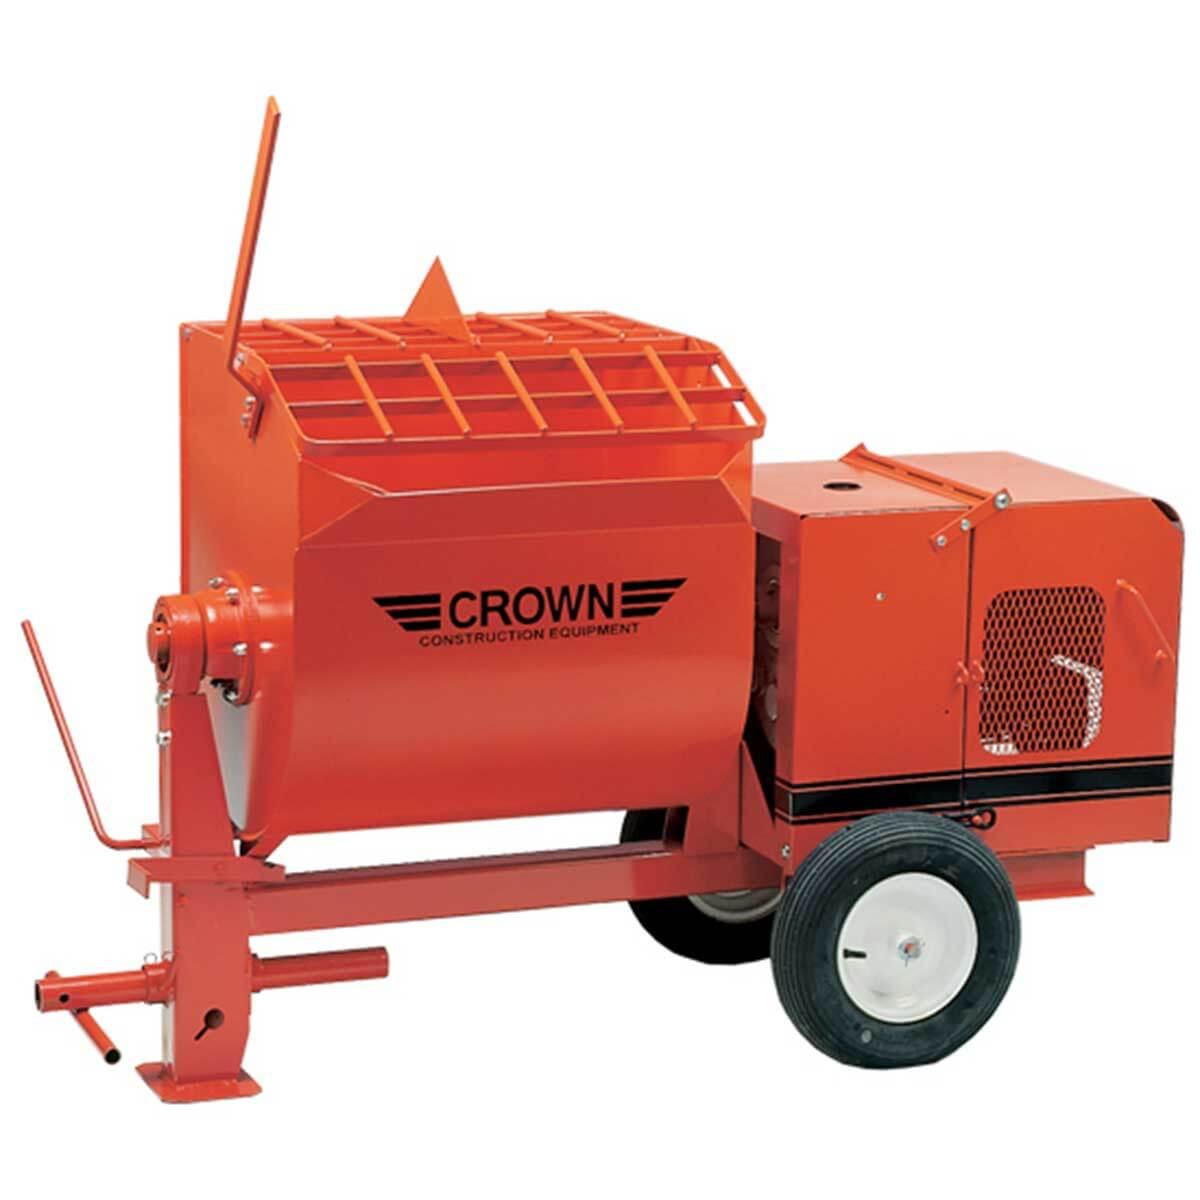 Mortar Mixer Blades : Crown s mortar mixers contractors direct